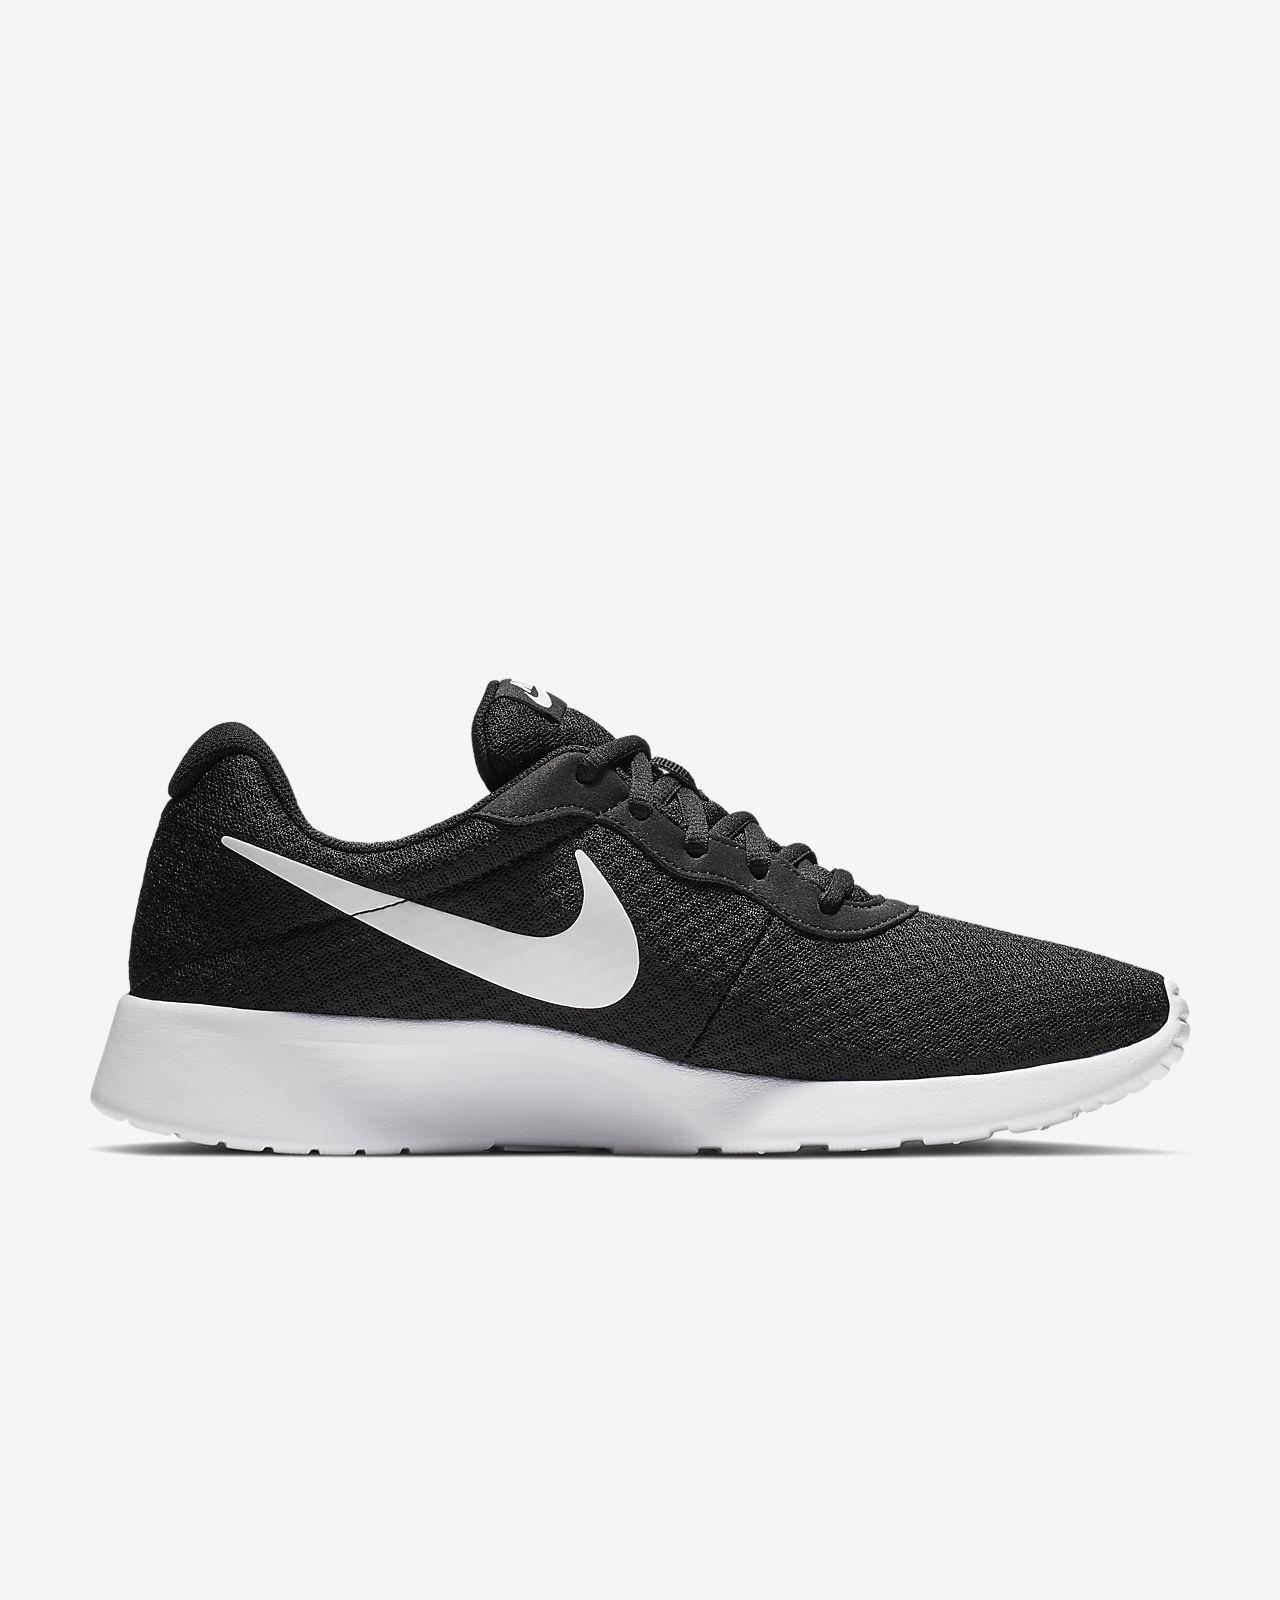 1b6658e3 Low Resolution Мужские кроссовки Nike Tanjun Мужские кроссовки Nike Tanjun